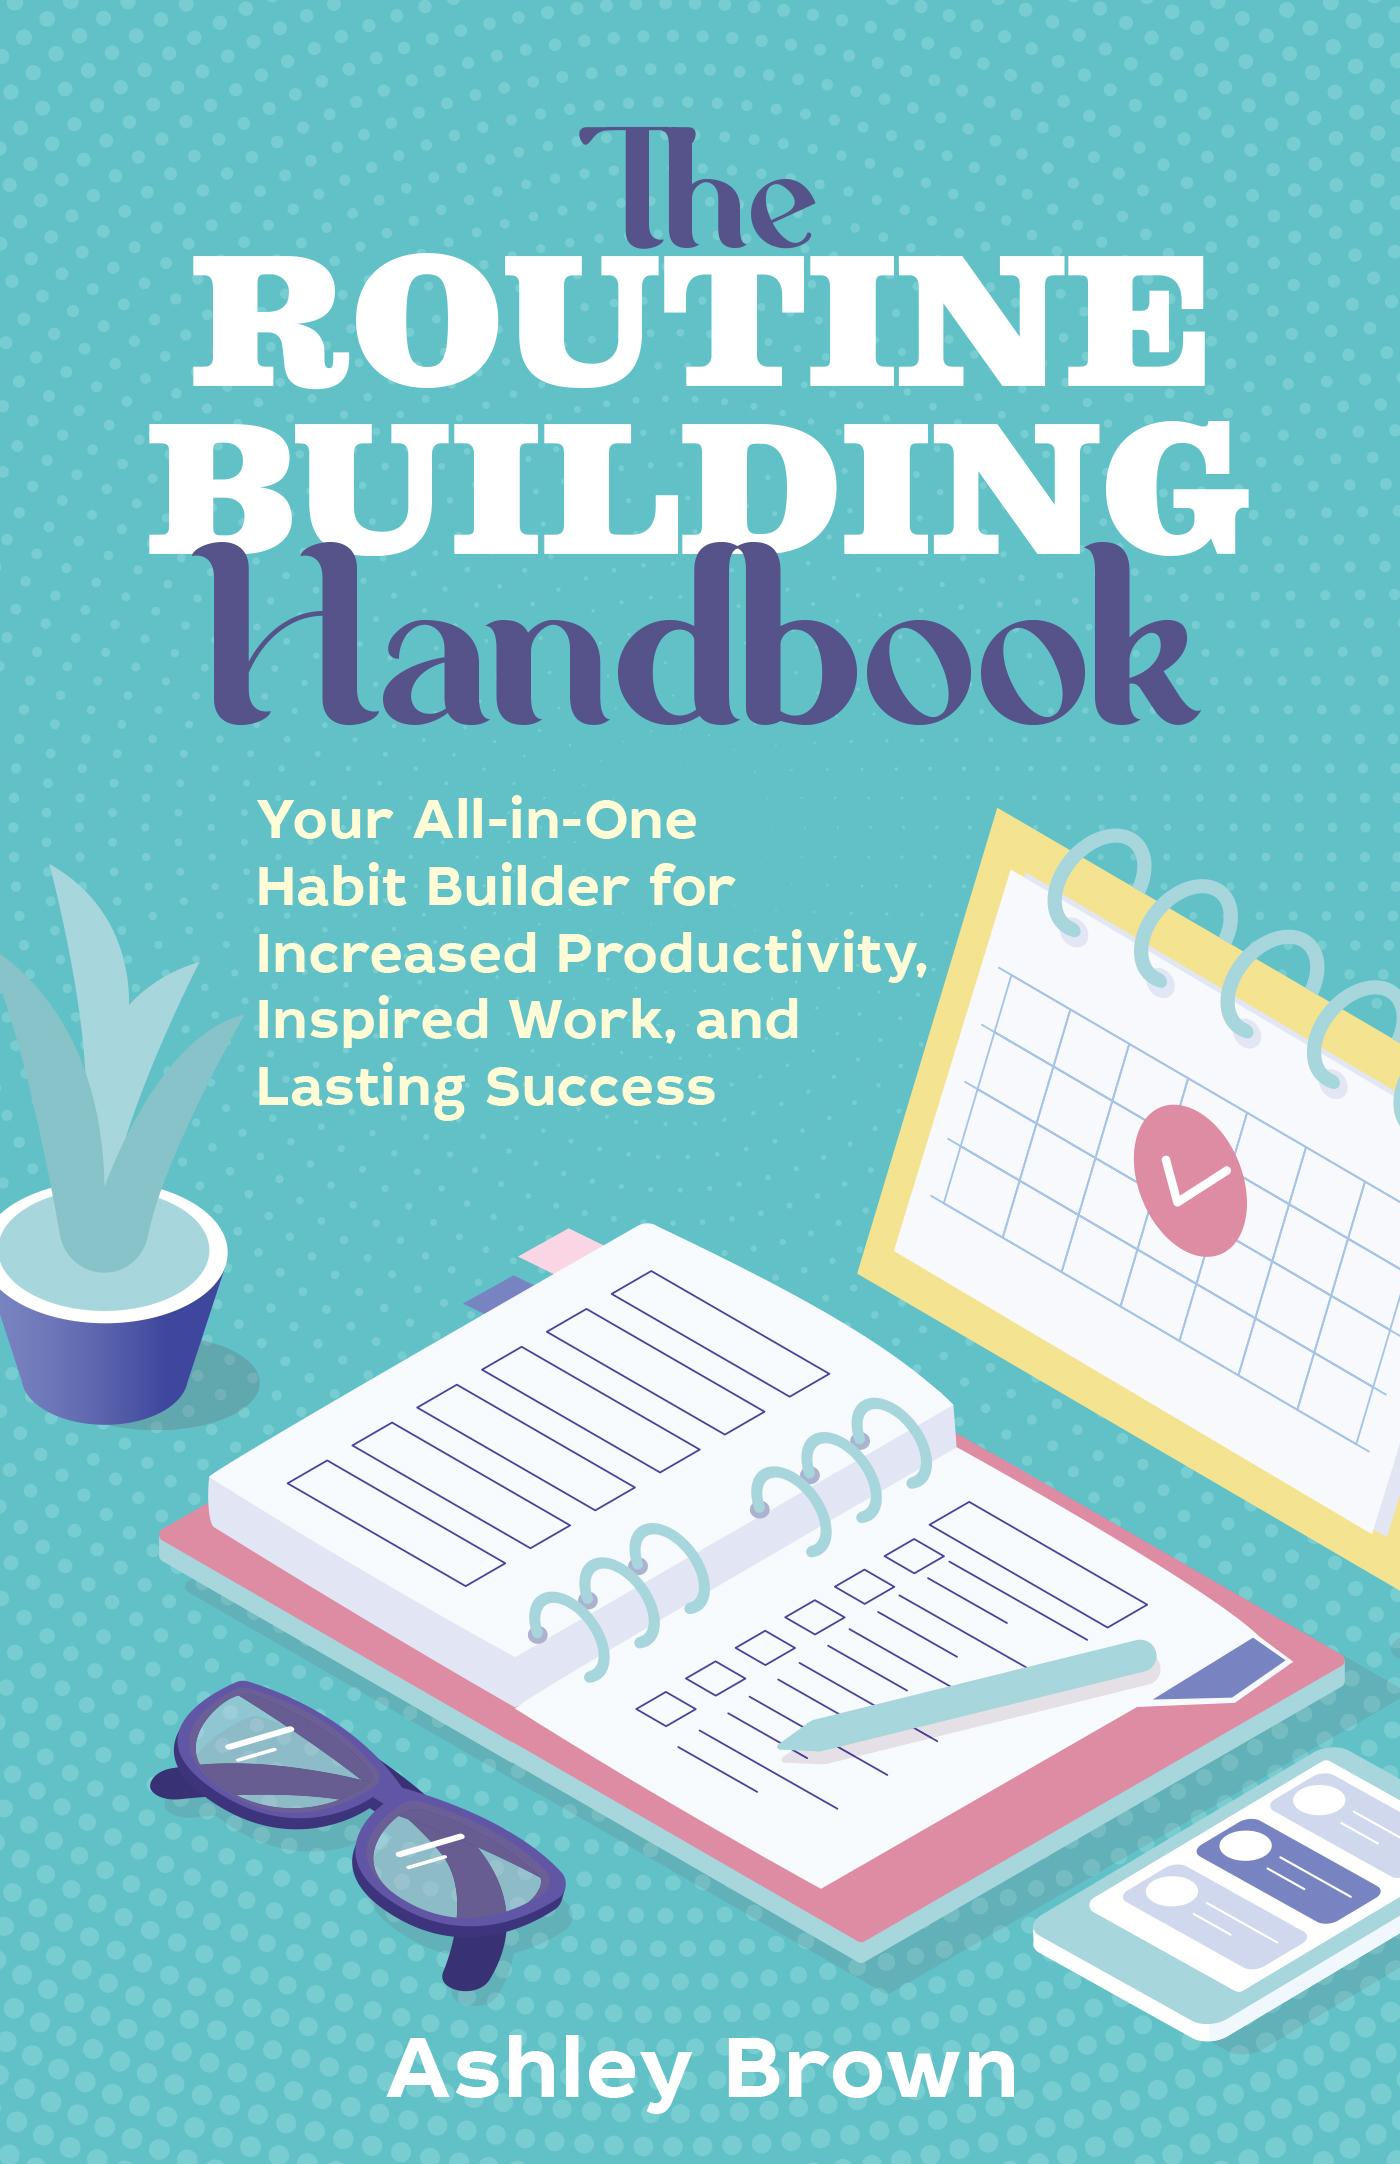 Routine Building Handbook-front.indd